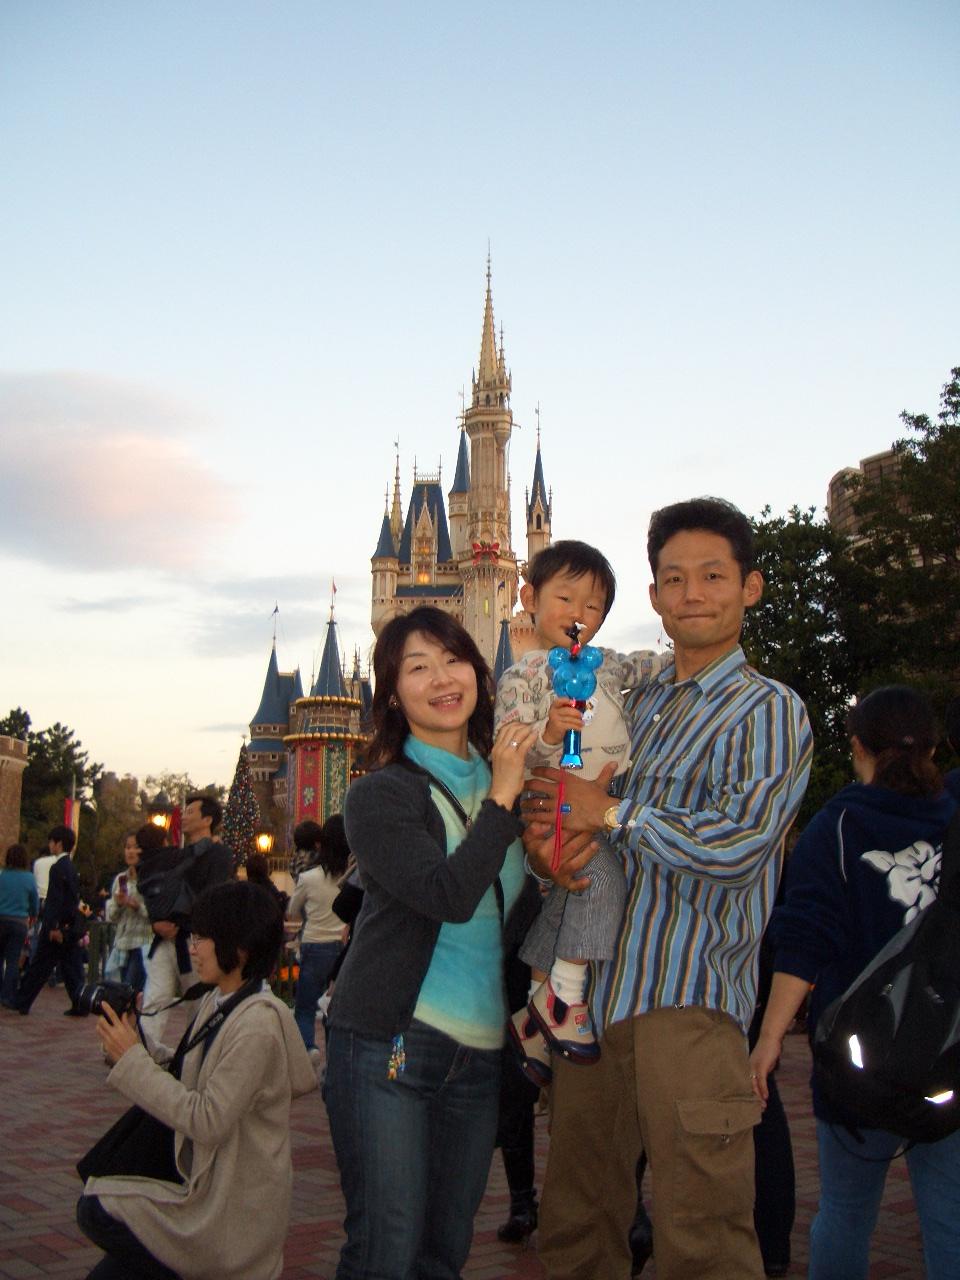 画像 : 家族ディズニーで思い出できたwww楽しかったよwww